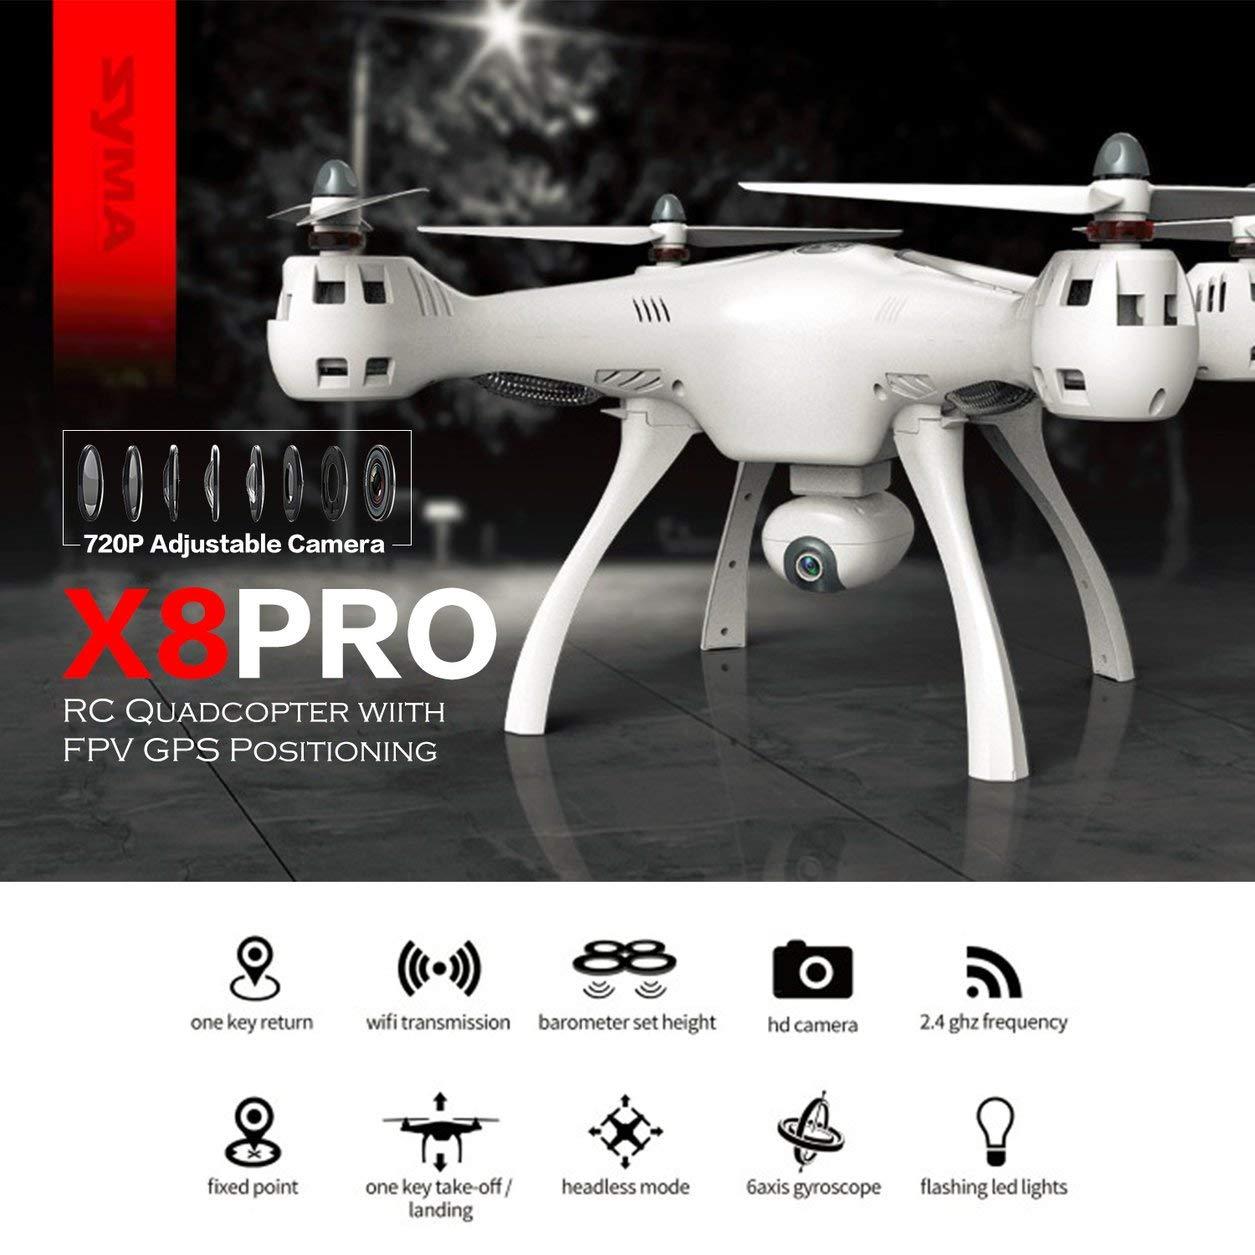 Dailyinshop Syma X8PRO 720P WiFi Cámara FPV en Tiempo Real GPS Posicionamiento RC Drone Quadcopter, Blanco